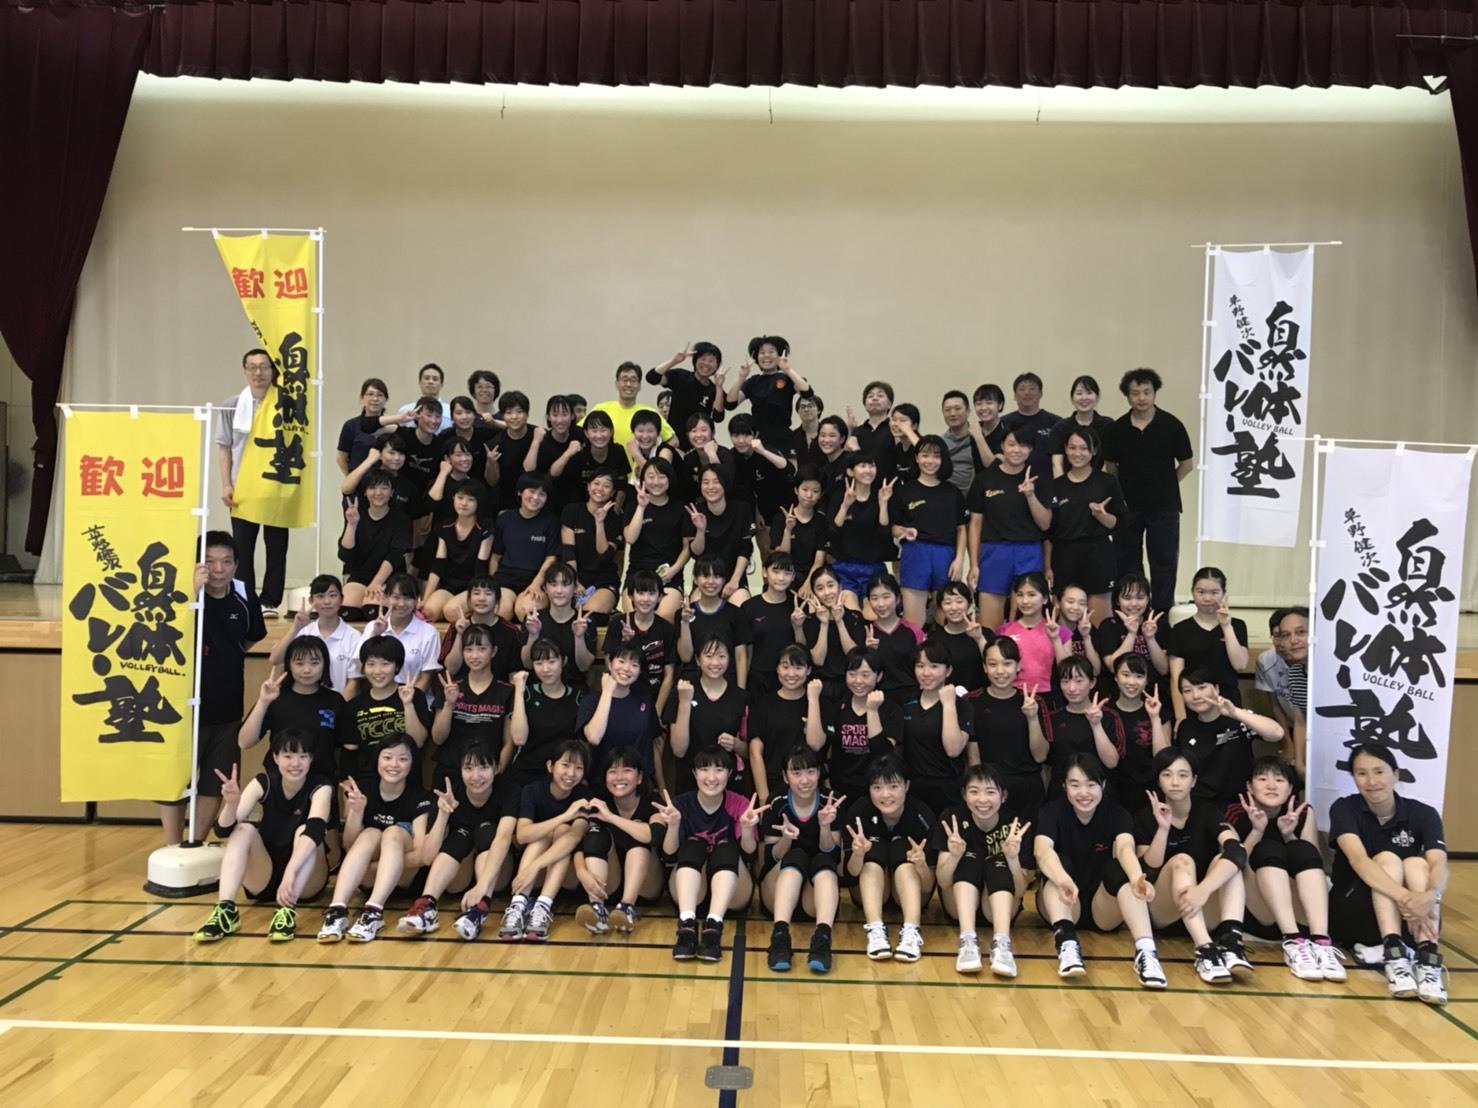 第2892話・・・バレー熟 in東京_c0000970_11061470.jpg